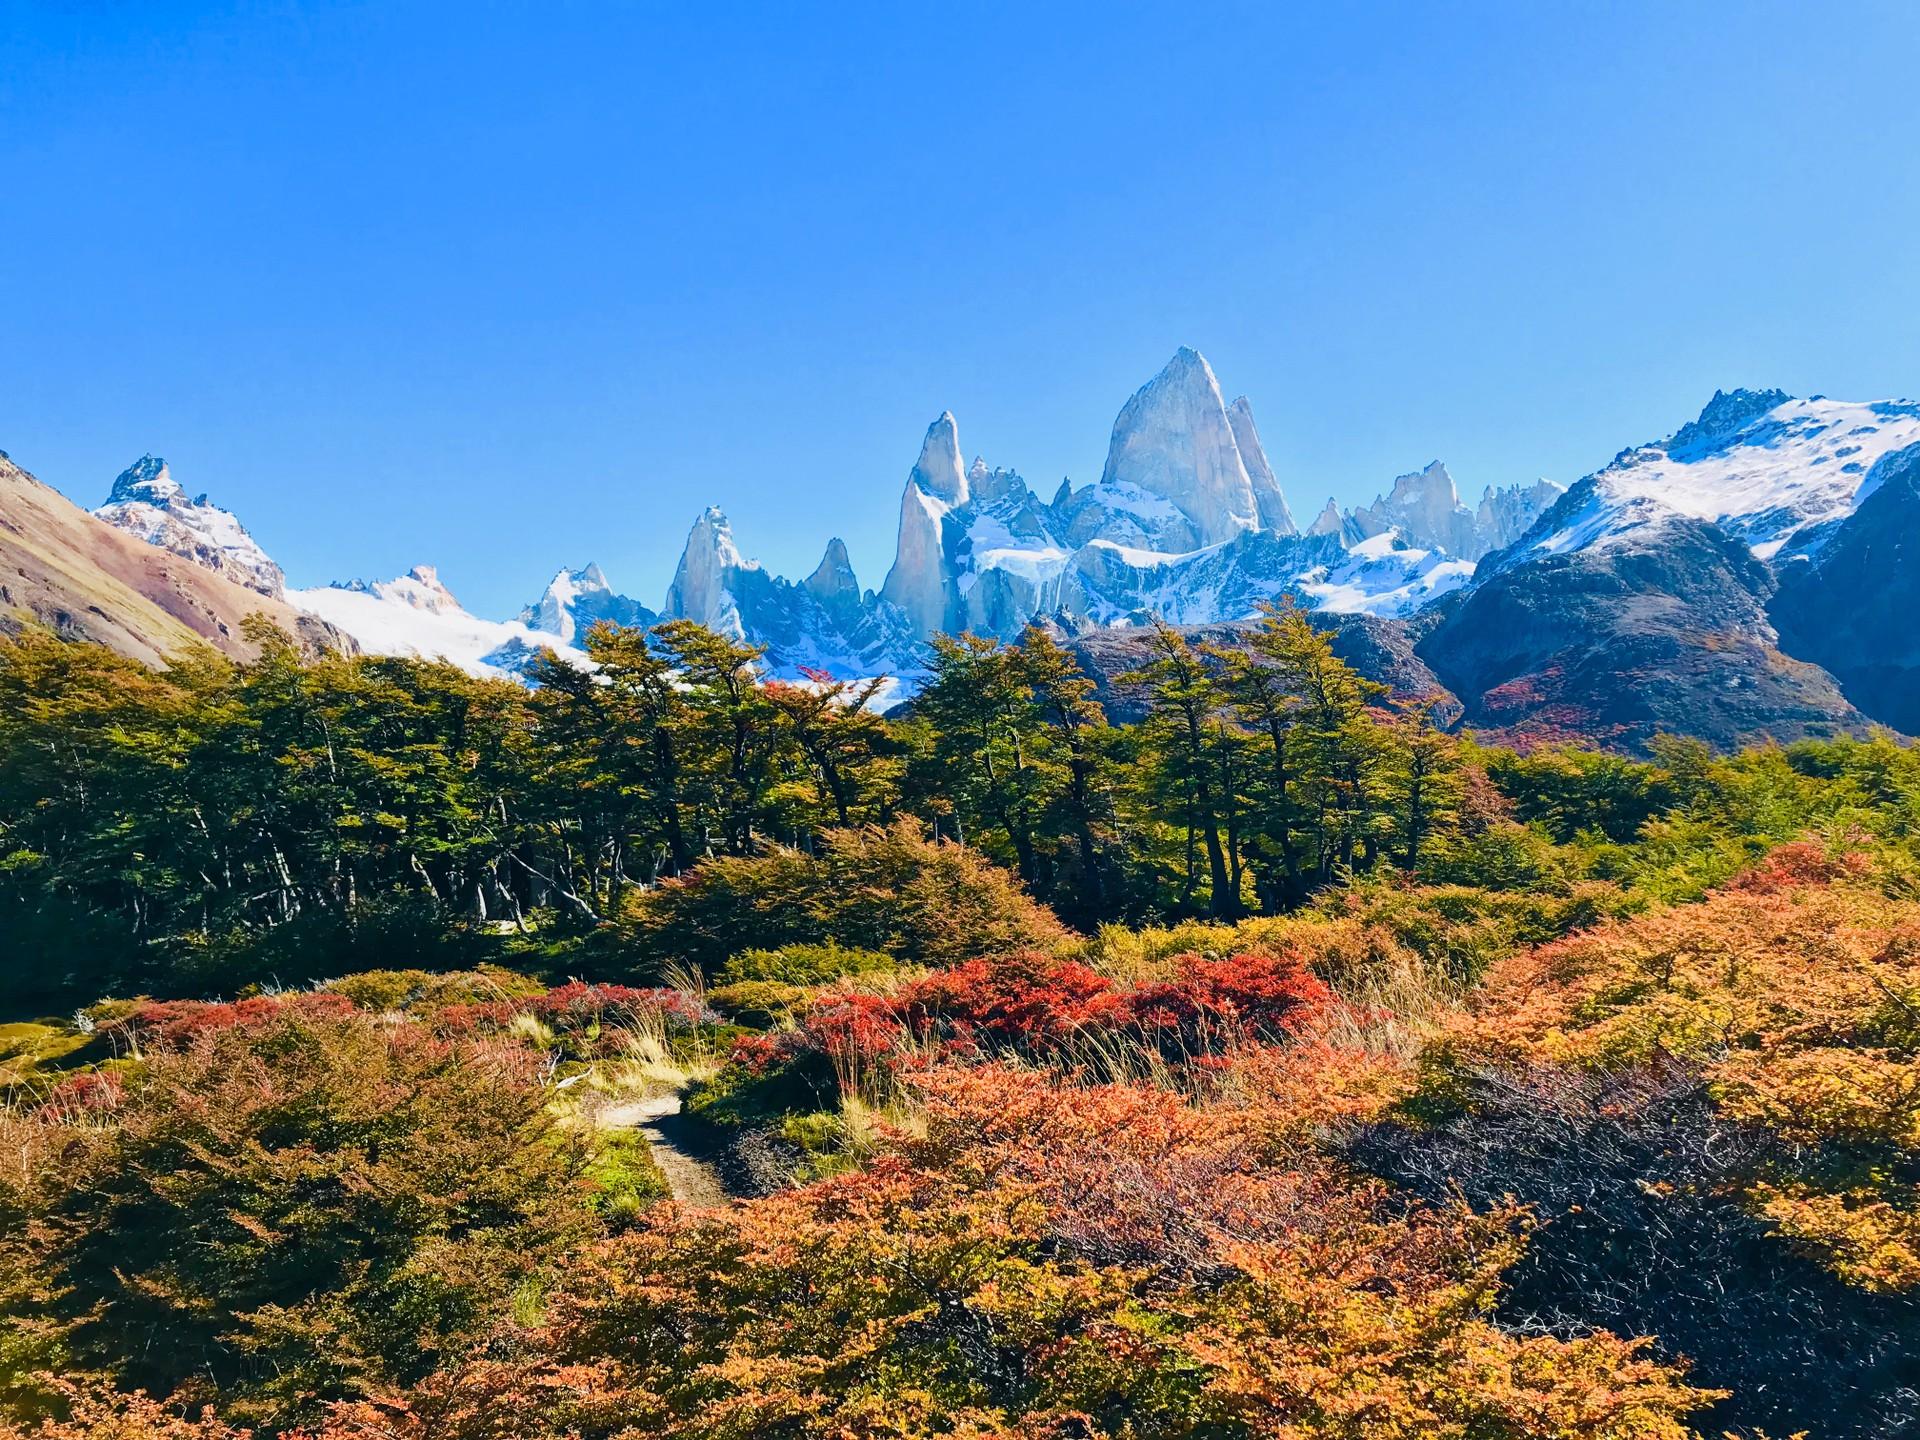 Landscape of Torres del Paine Patagonia